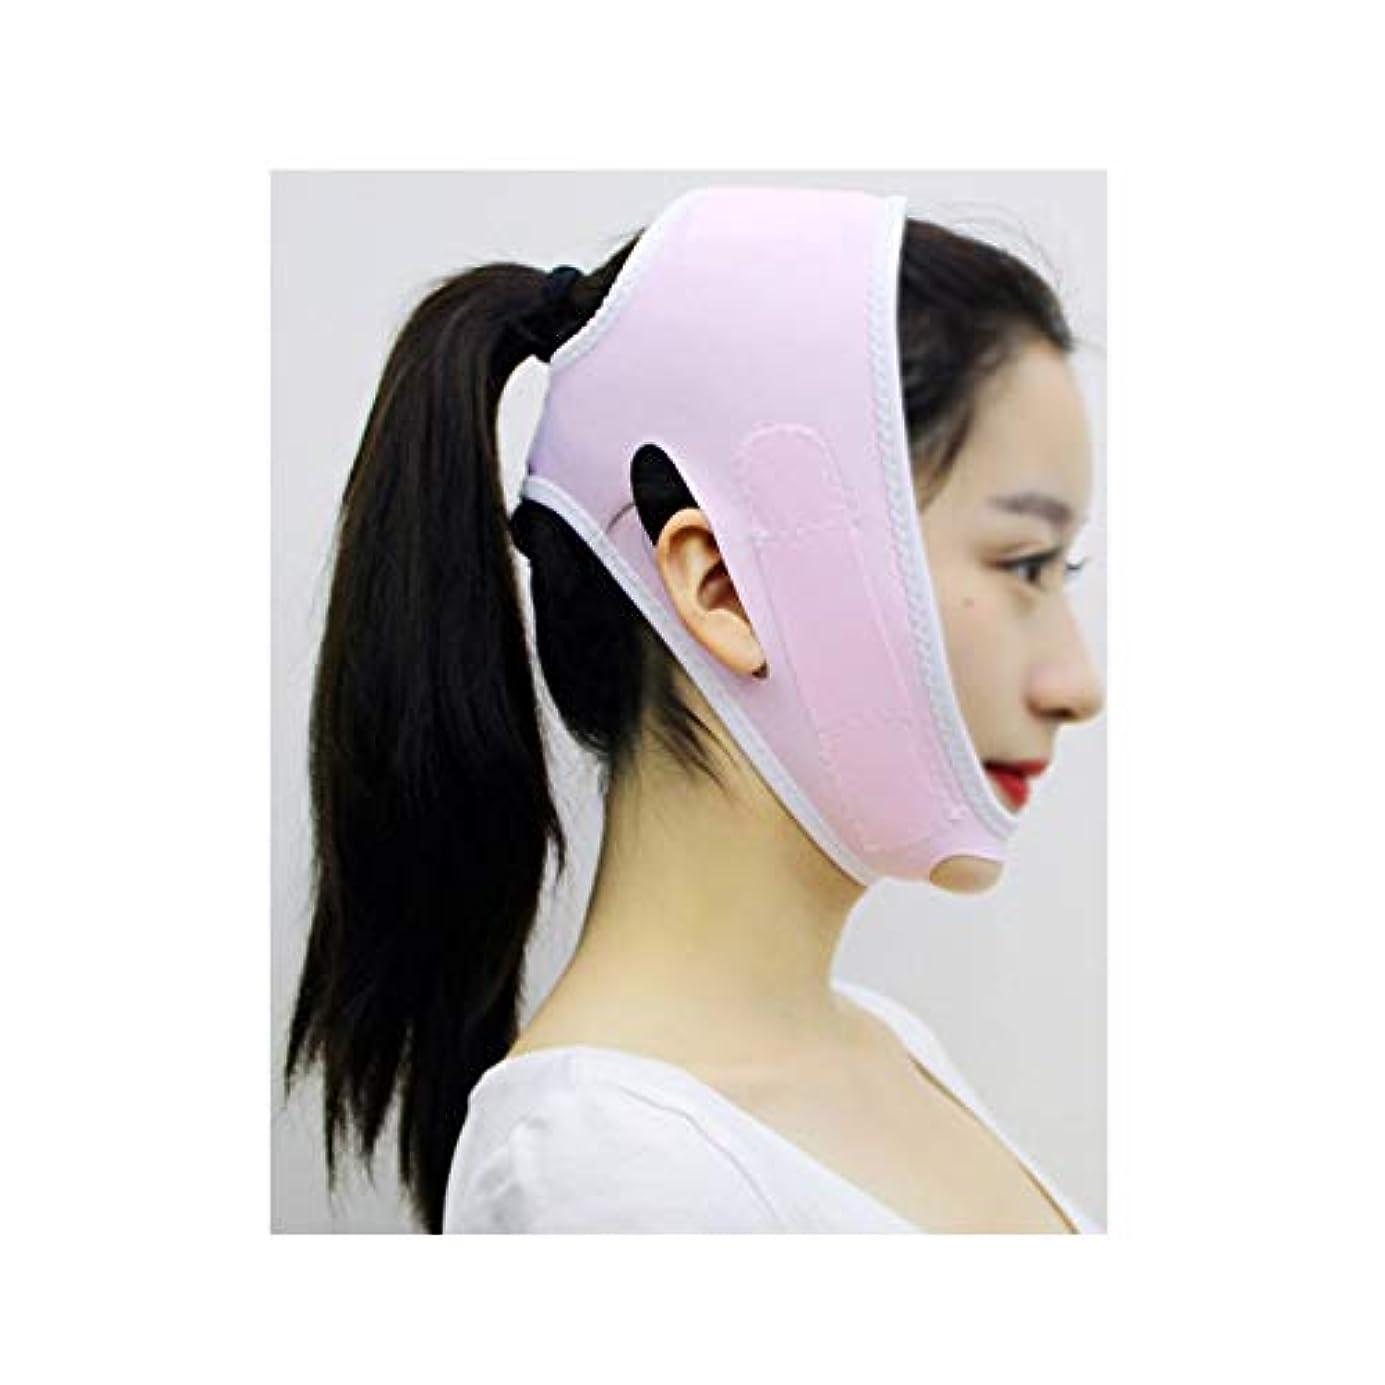 実際のランデブーくそーTLMY フェイシャルリフティングマスクあごストラップ修復包帯ヘッドバンドマスクフェイスリフティングスモールVフェイスアーティファクト型美容弾性フェイシャル&ネックリフティング 顔用整形マスク (Color : Pink)